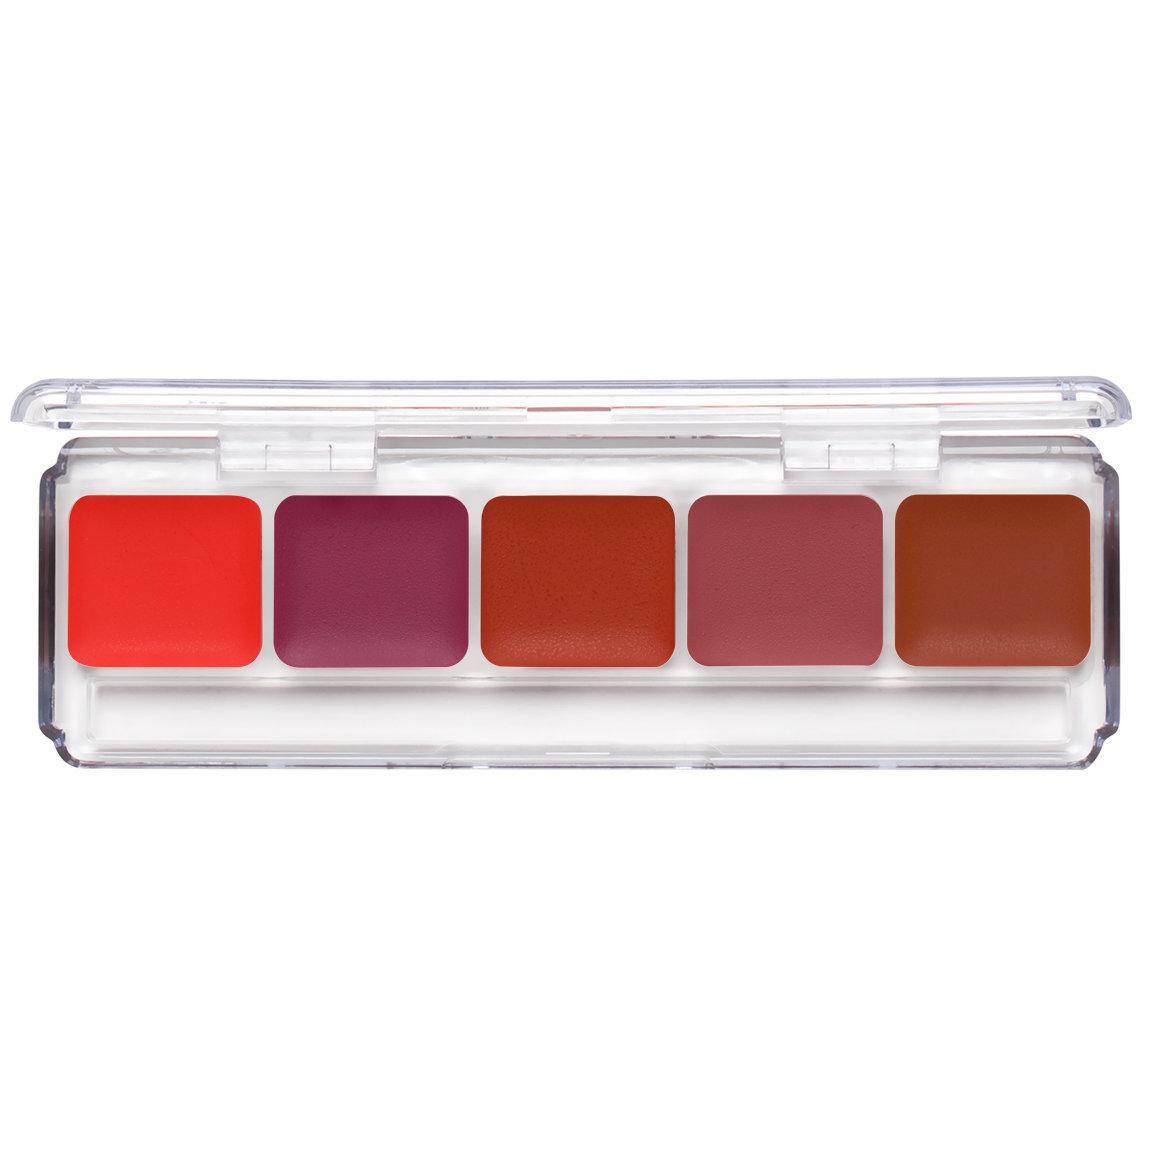 RCMA Makeup Cream Cheek Color Palette Palette 2 alternative view 1.